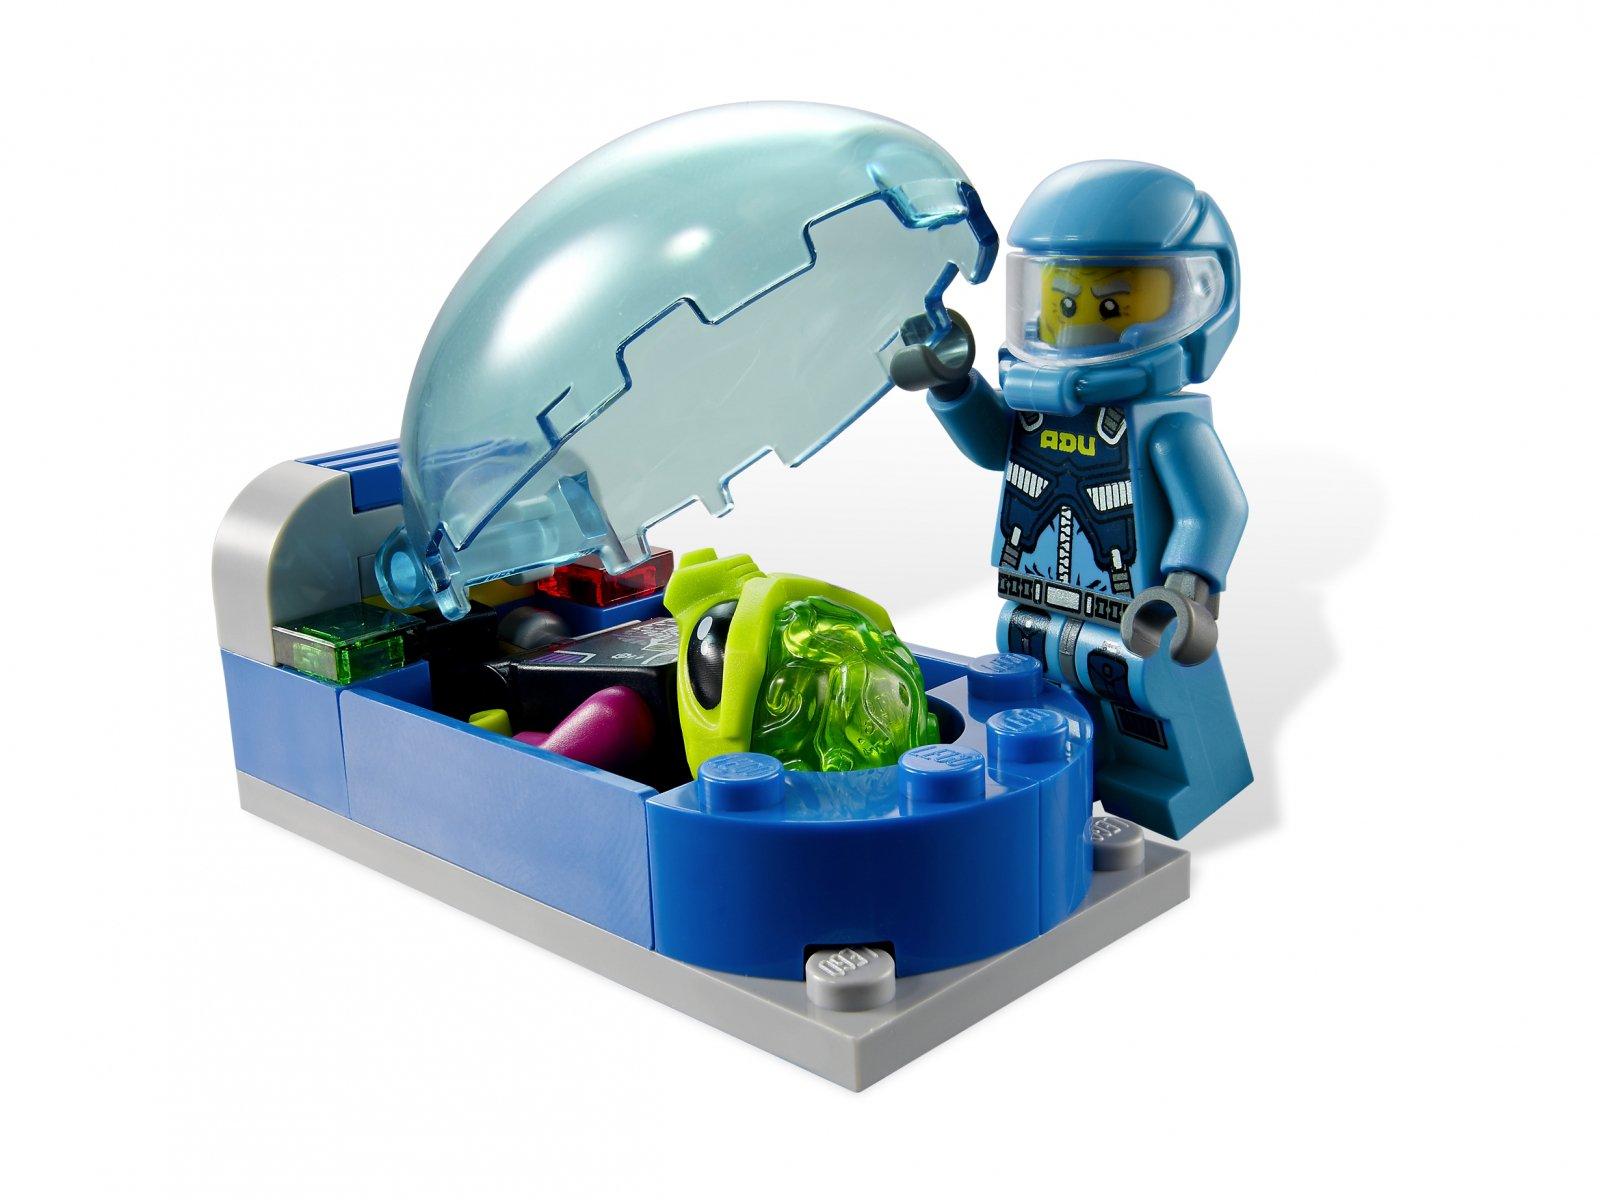 LEGO 7066 Earth Defense HQ